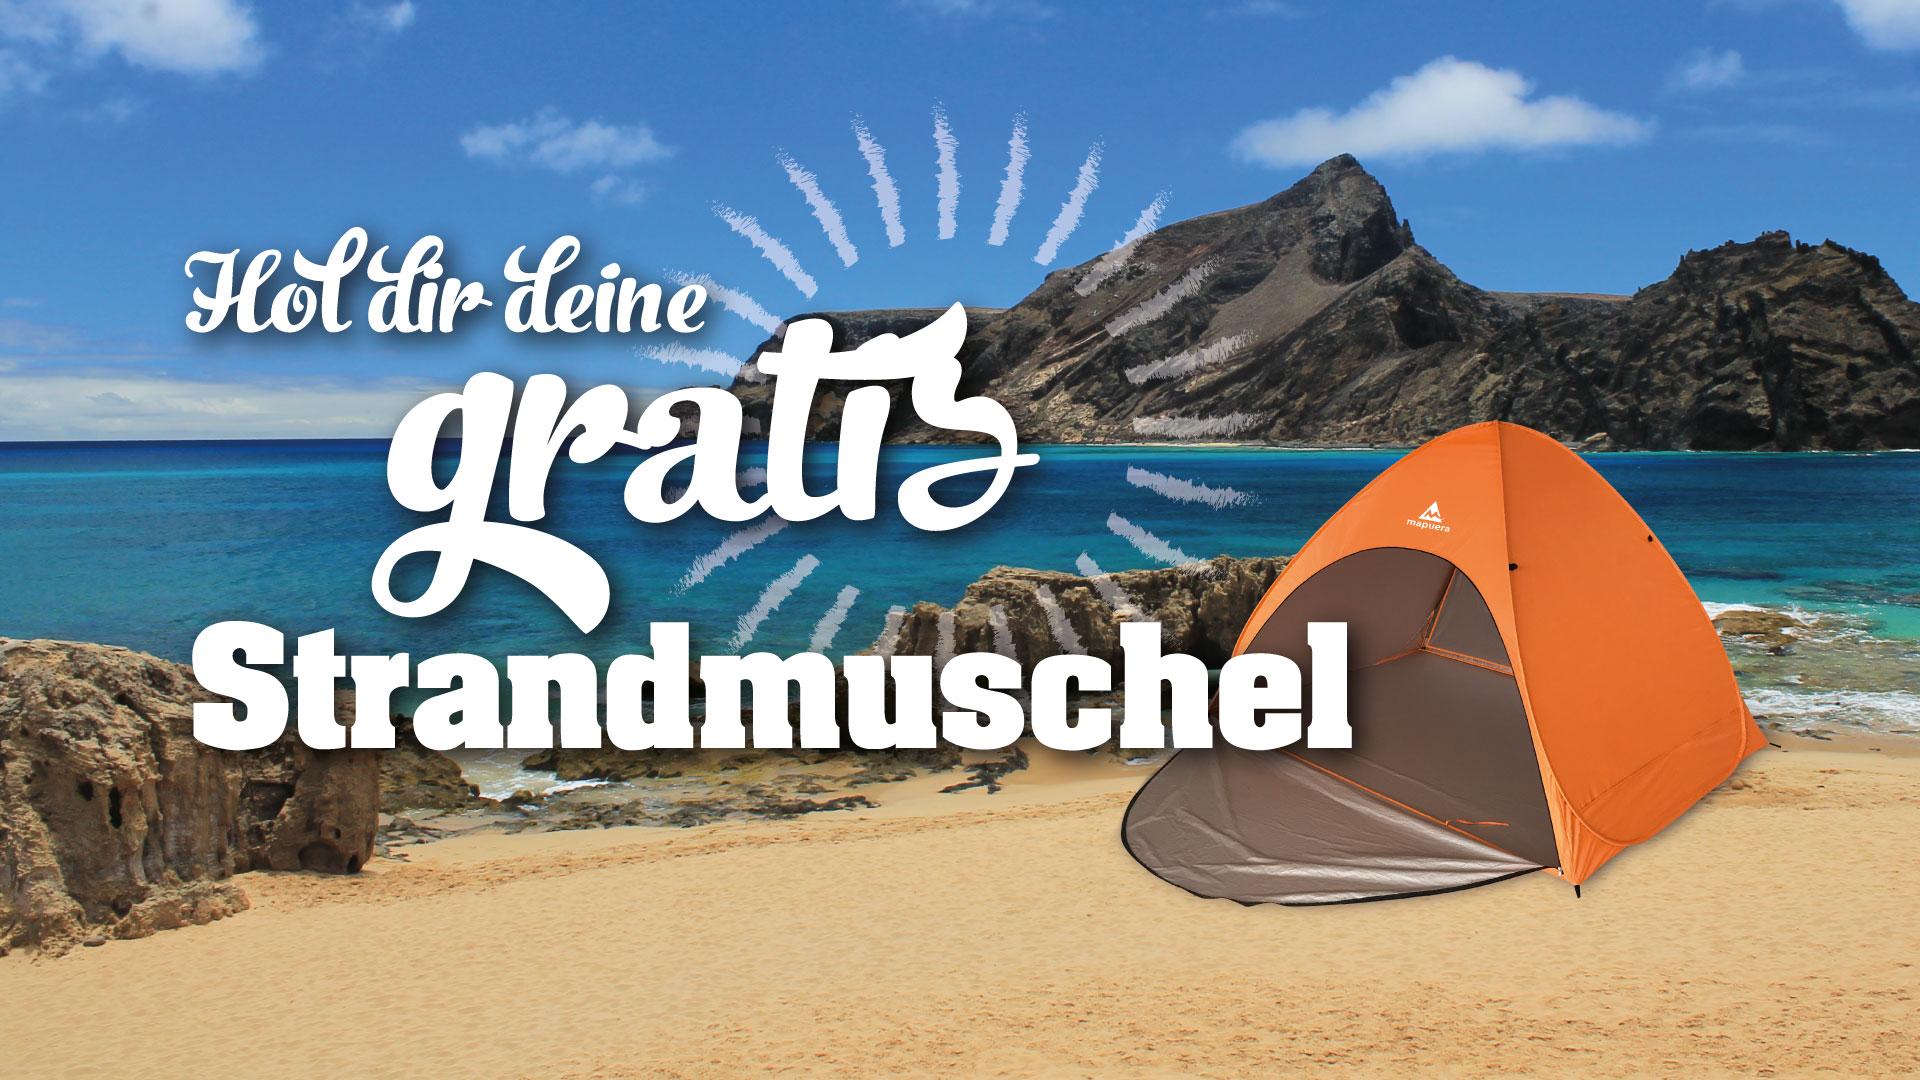 Gratis Strandmuschel für Strandeintrag